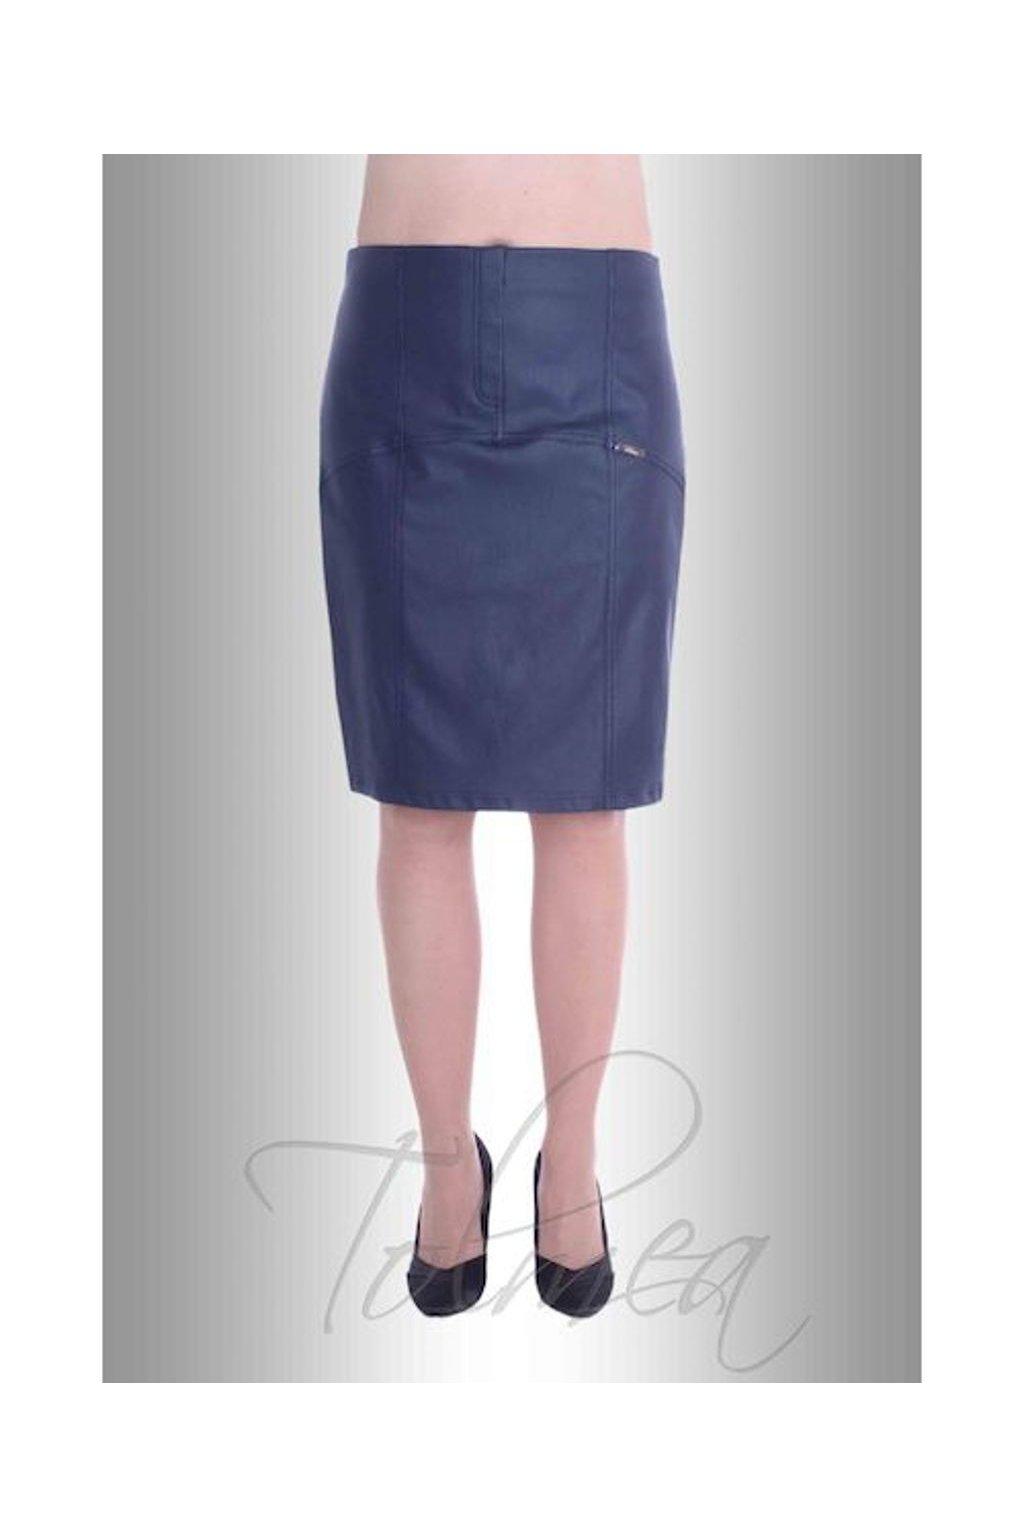 Sukně členěná kožený vzhled 6217 (Velikost 36, Barva Modrá)